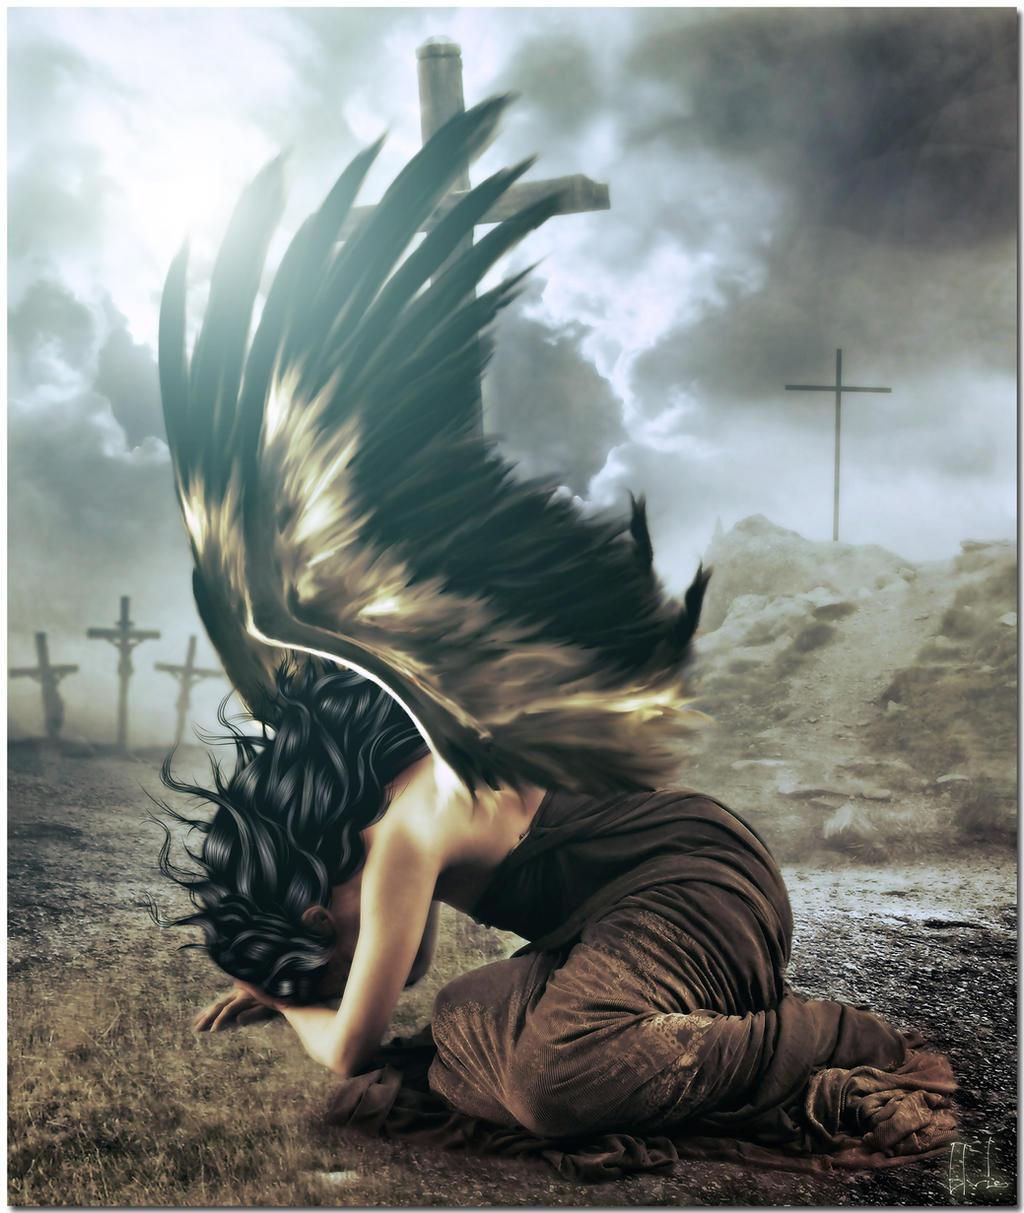 Quando os anjos choram by Elvisegp